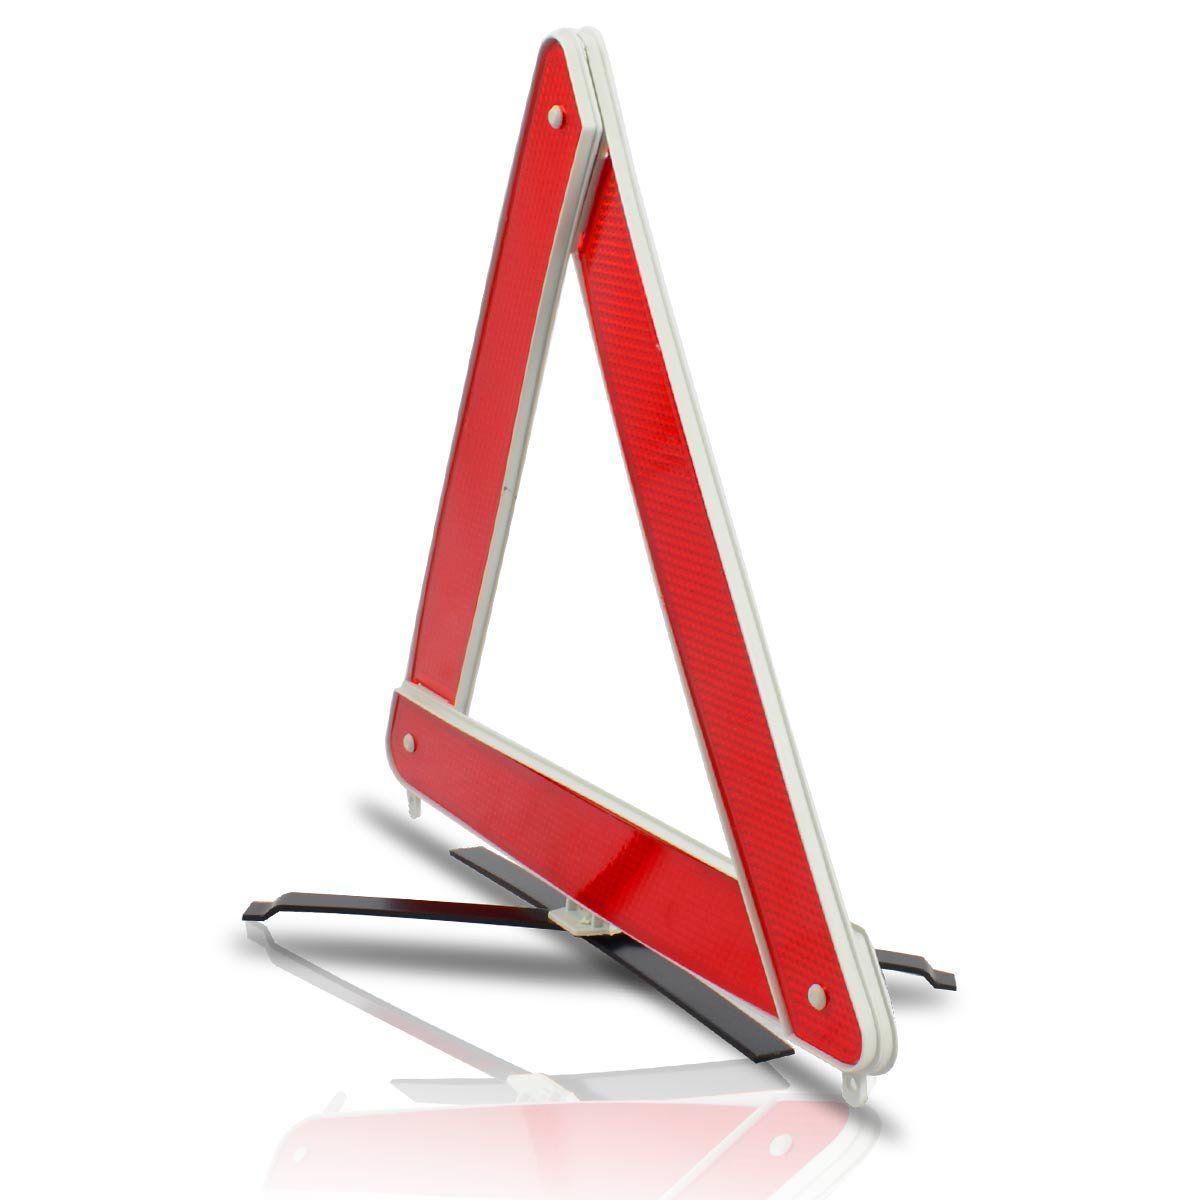 Triângulo de Segurança Universal Emergência Pé Pesado